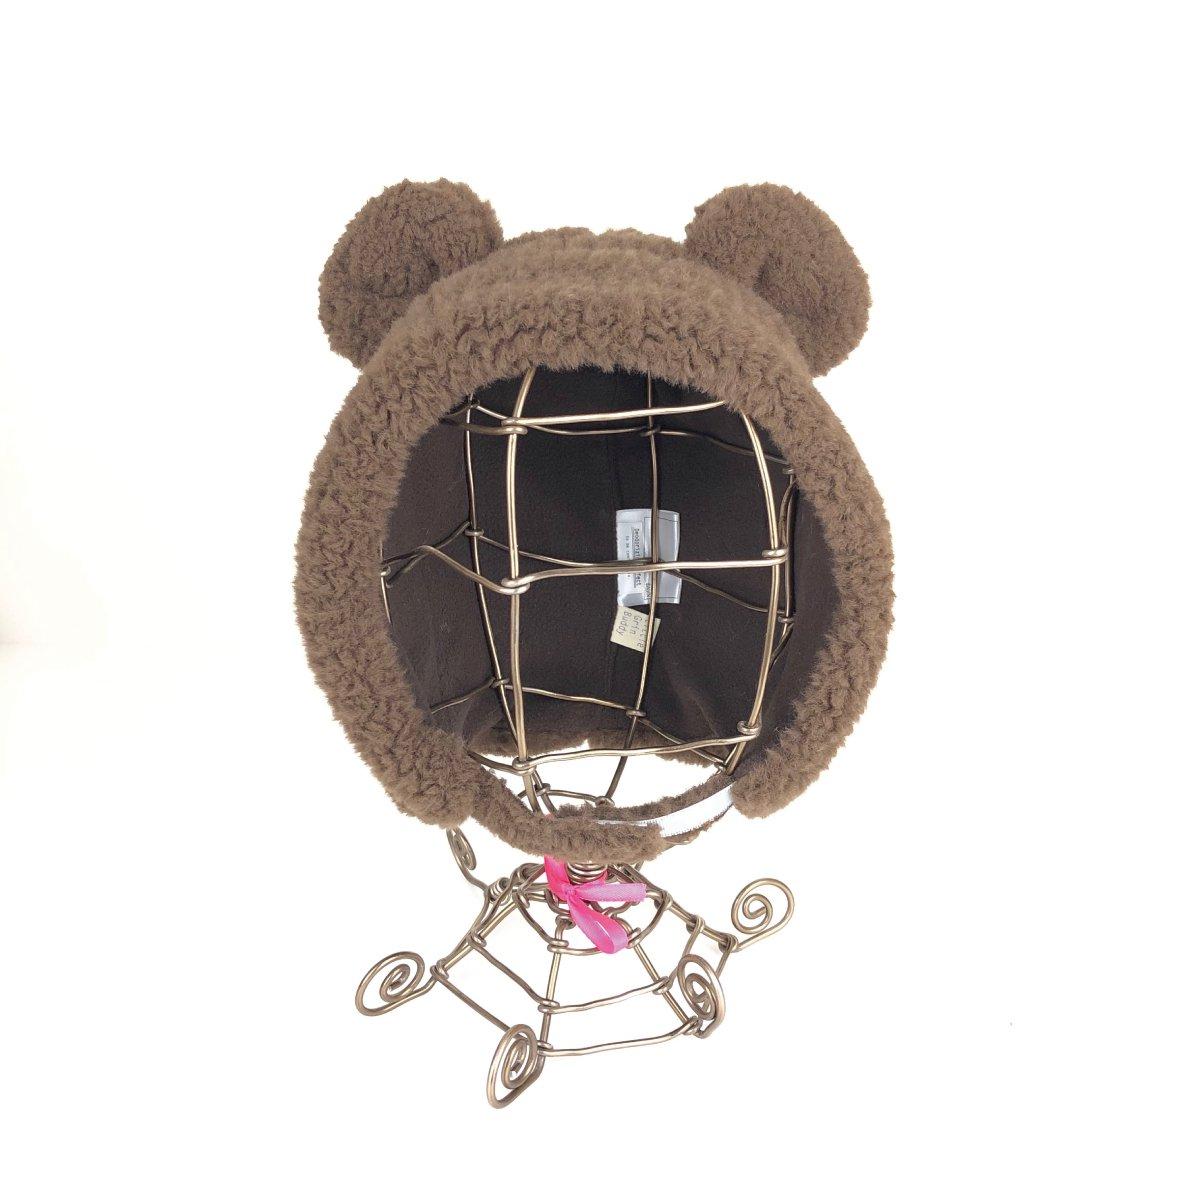 【BABY】Fuwa Kuma Puton 詳細画像4